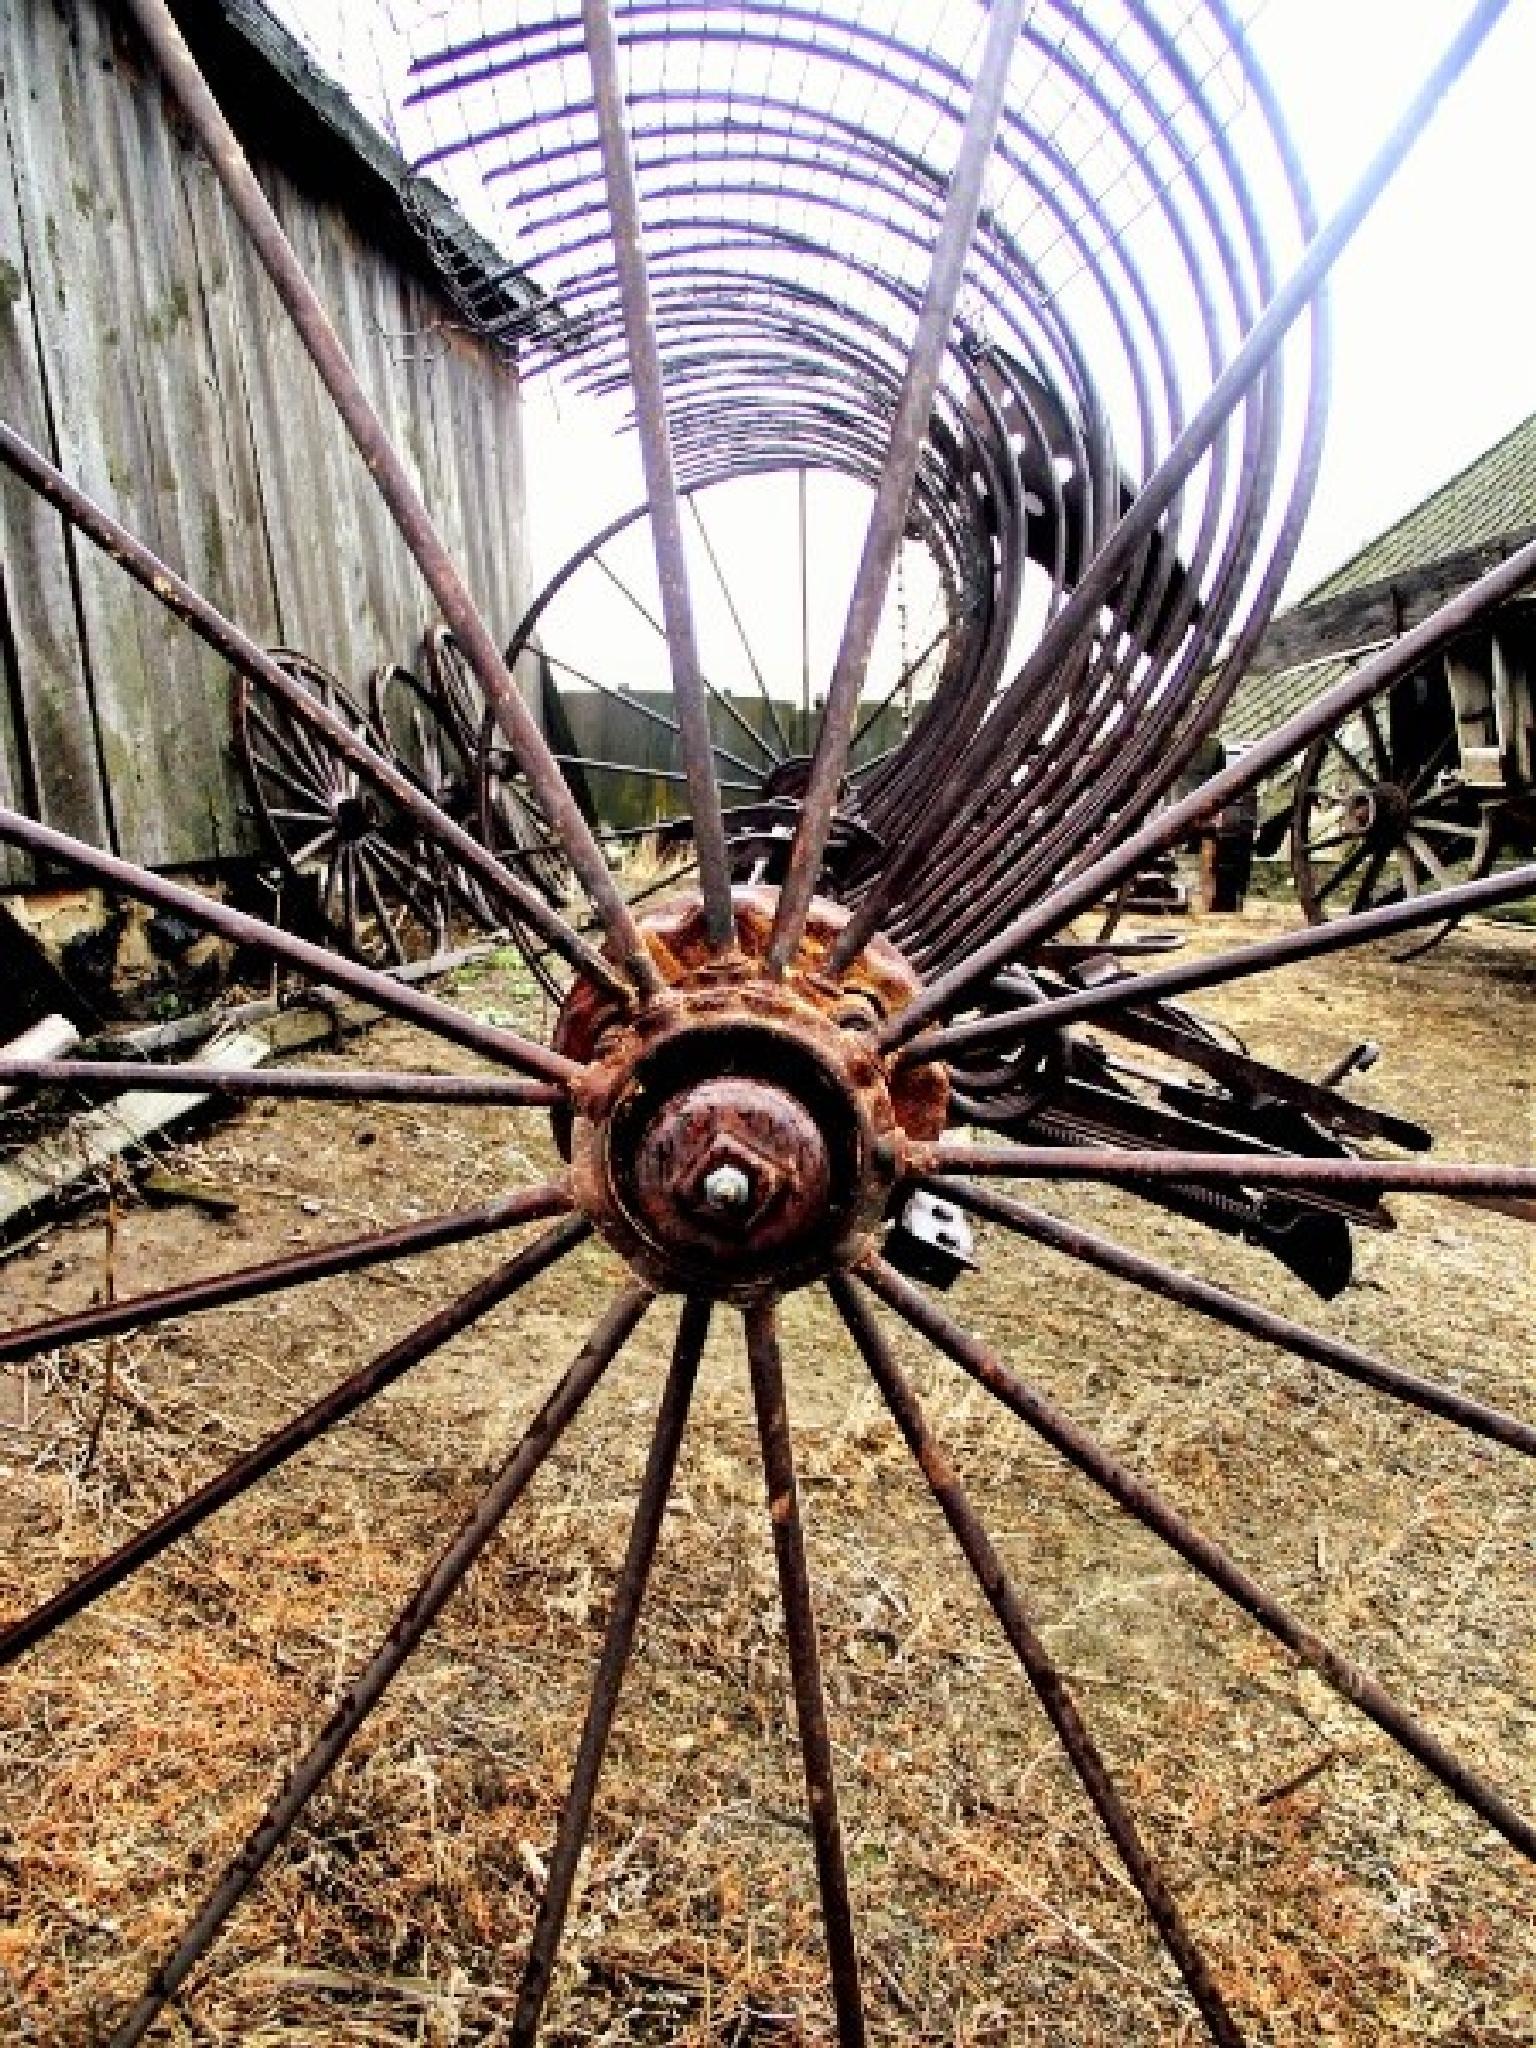 Antique farm equipment by lisawdayley